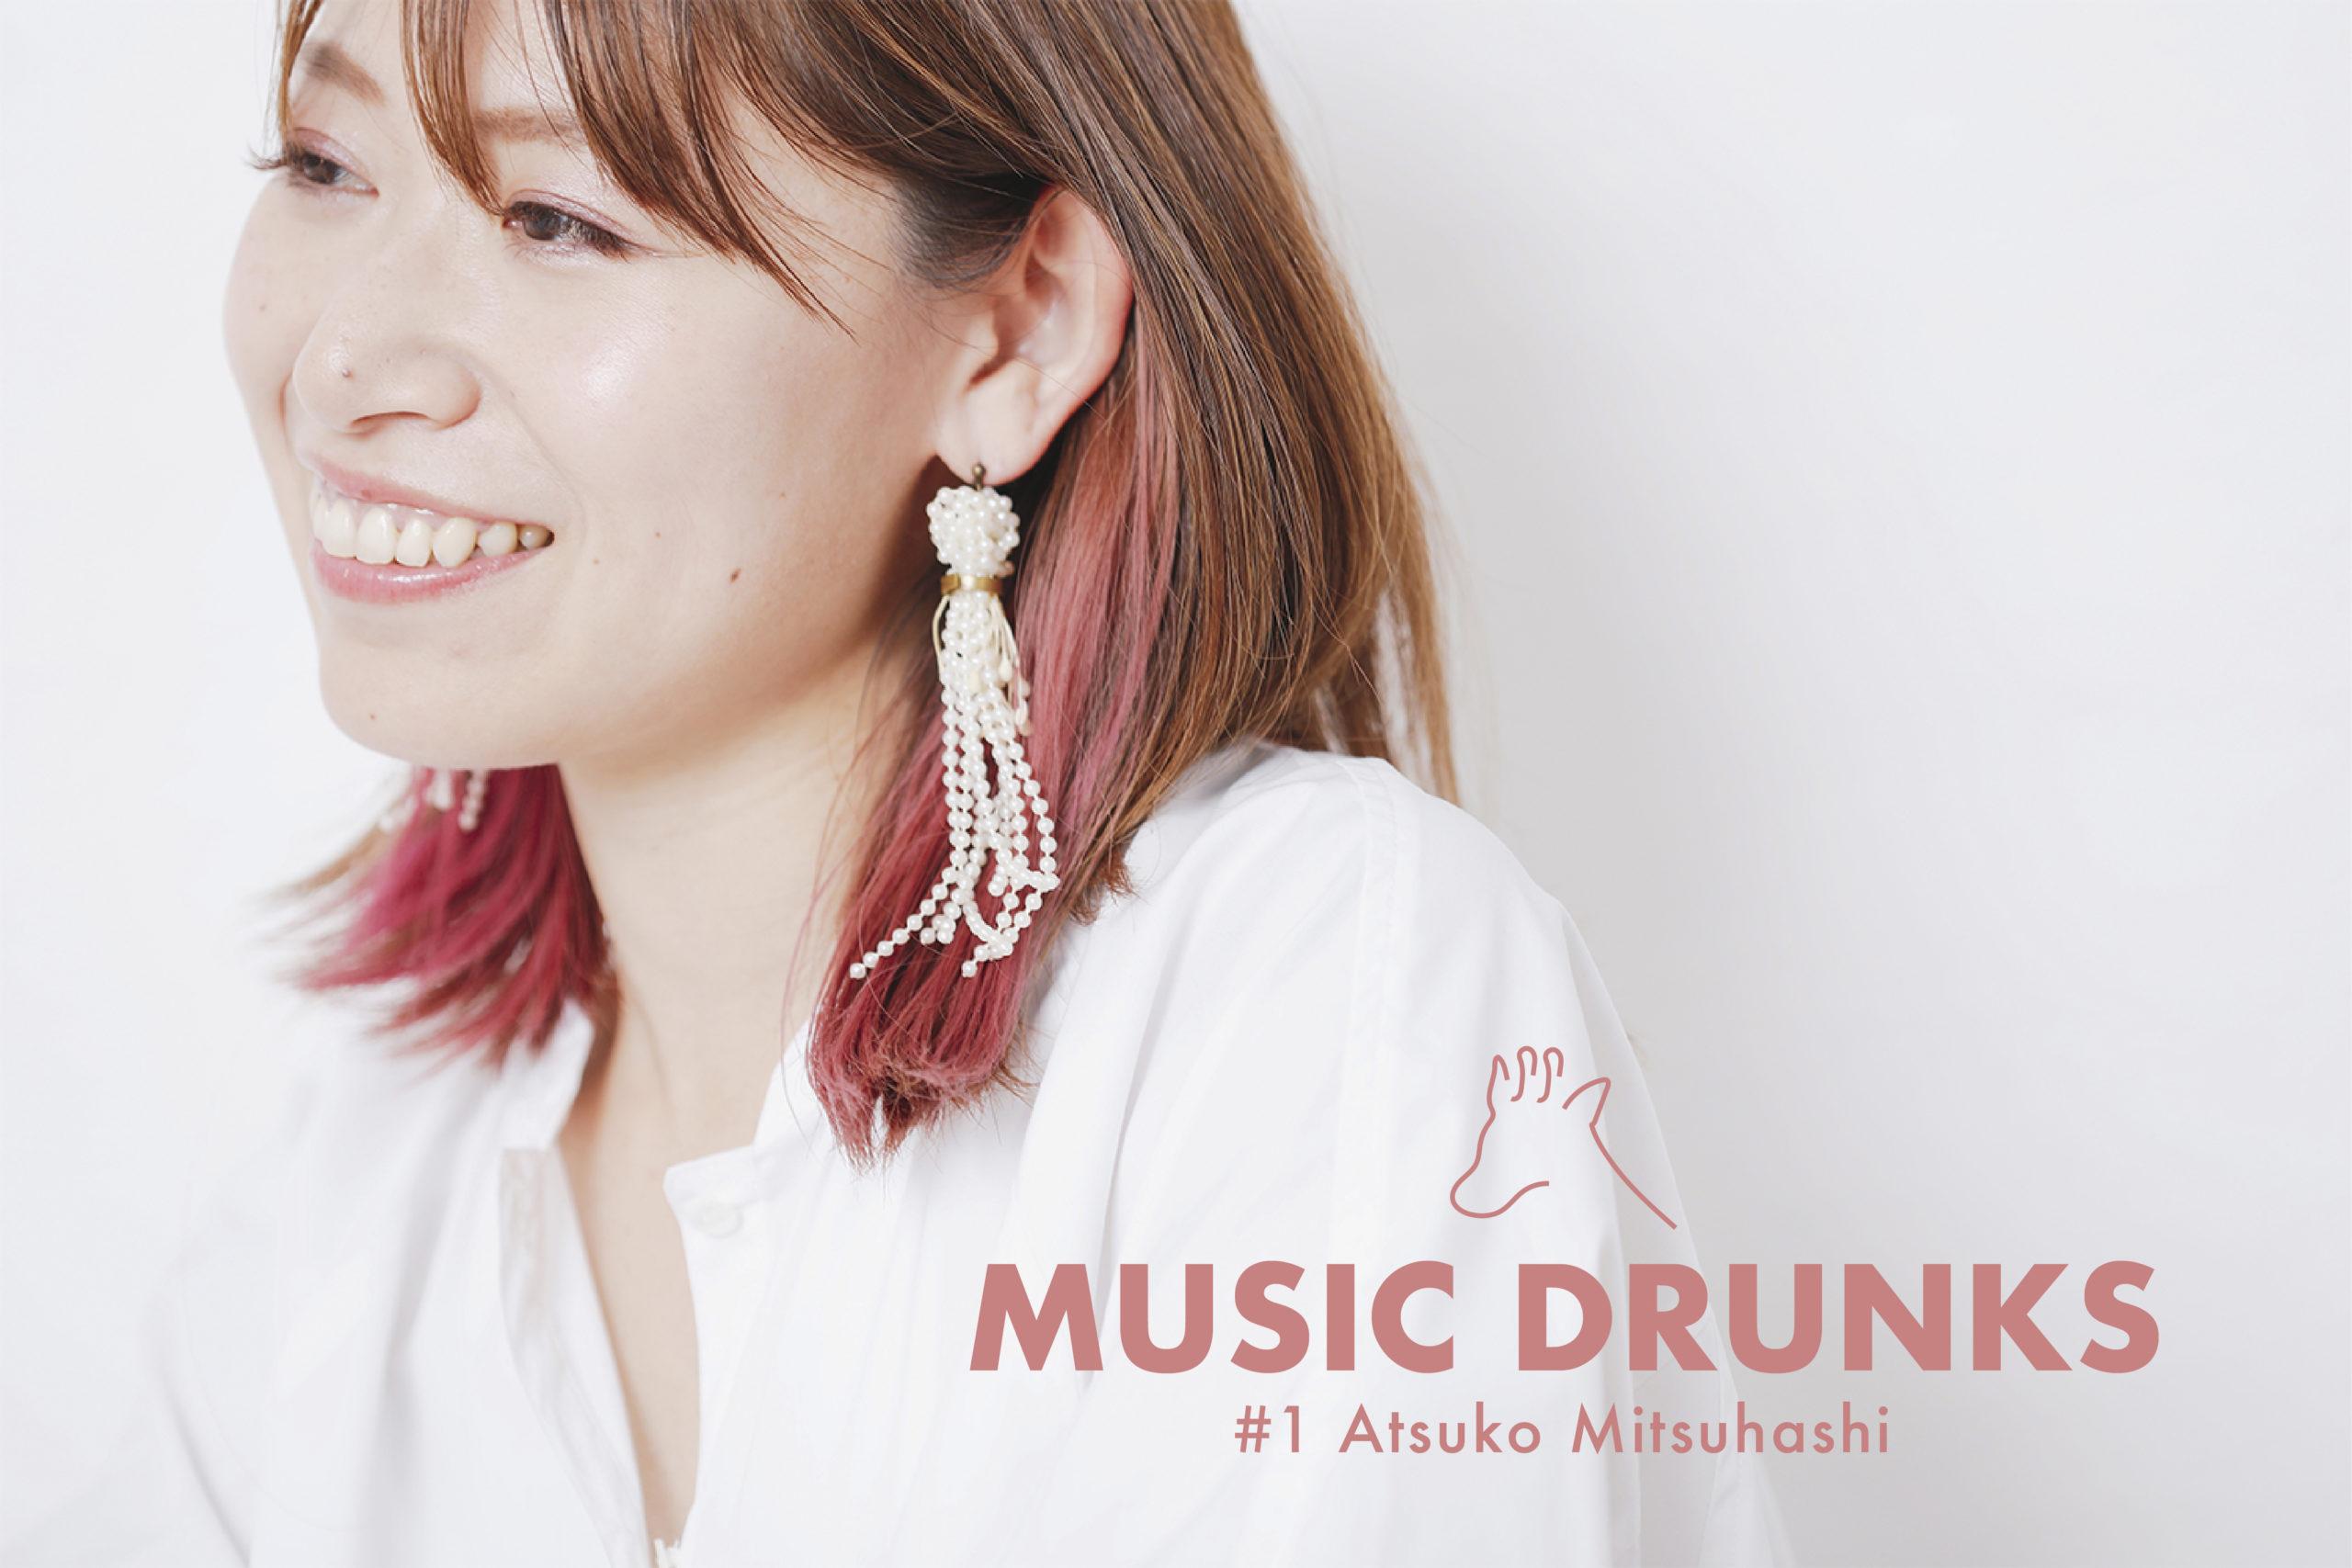 「【MUSIC DRUNKS #1】ヂラフマガジン編集長・三橋温子 / ライブ、フェス、音楽、自分のすべてを注ぎ込めるもの」のアイキャッチ画像